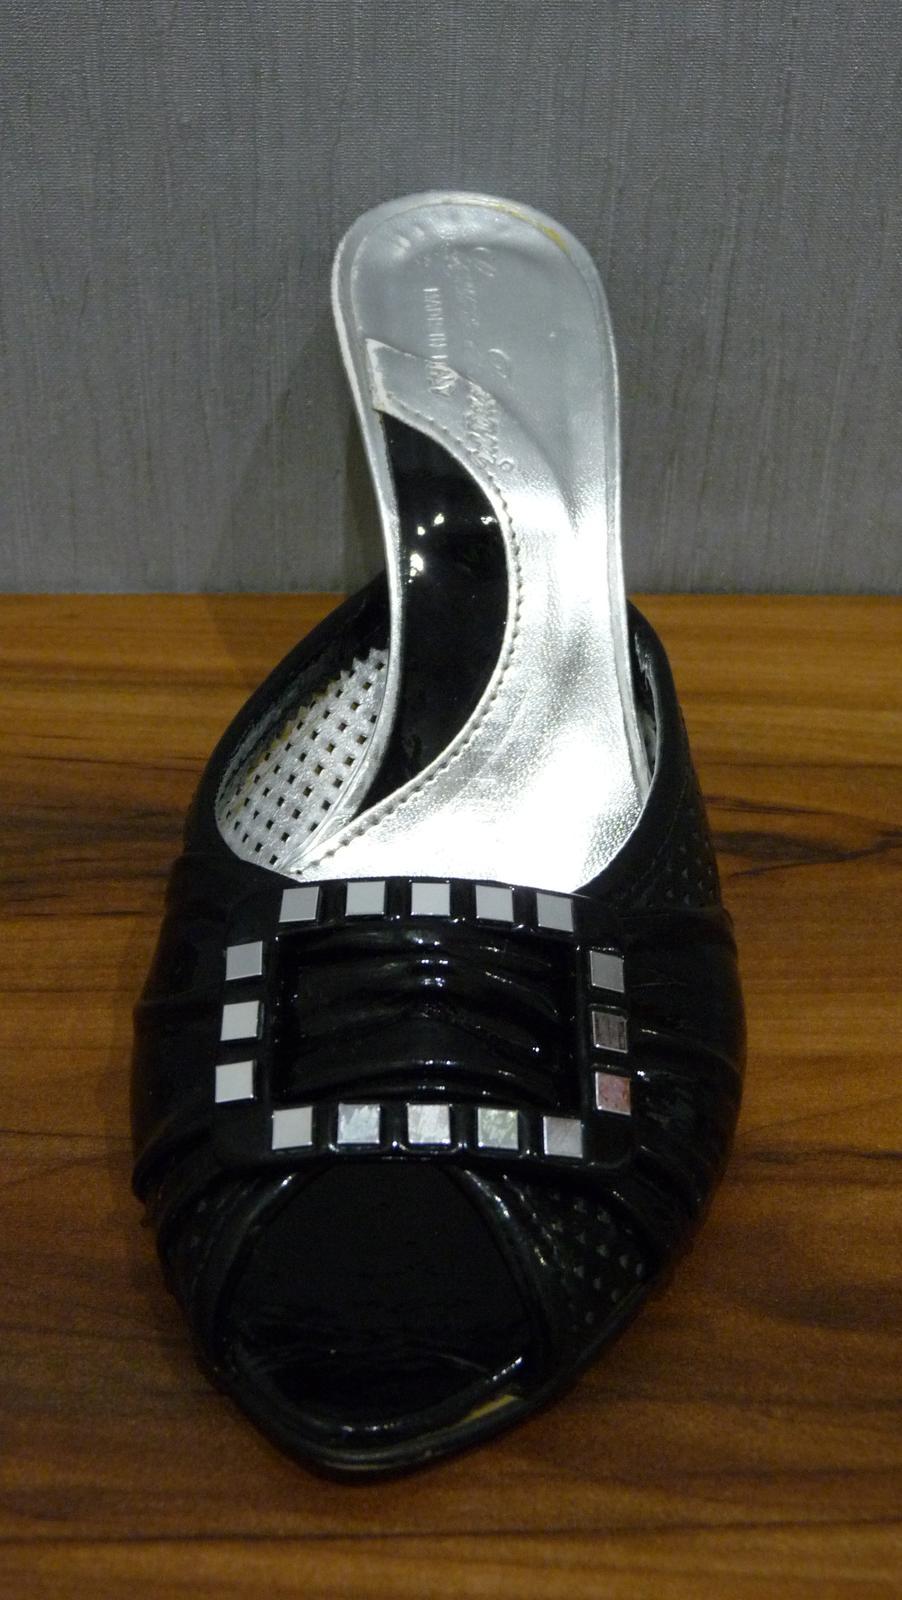 Čierne/strieborné sandále - Obrázok č. 1